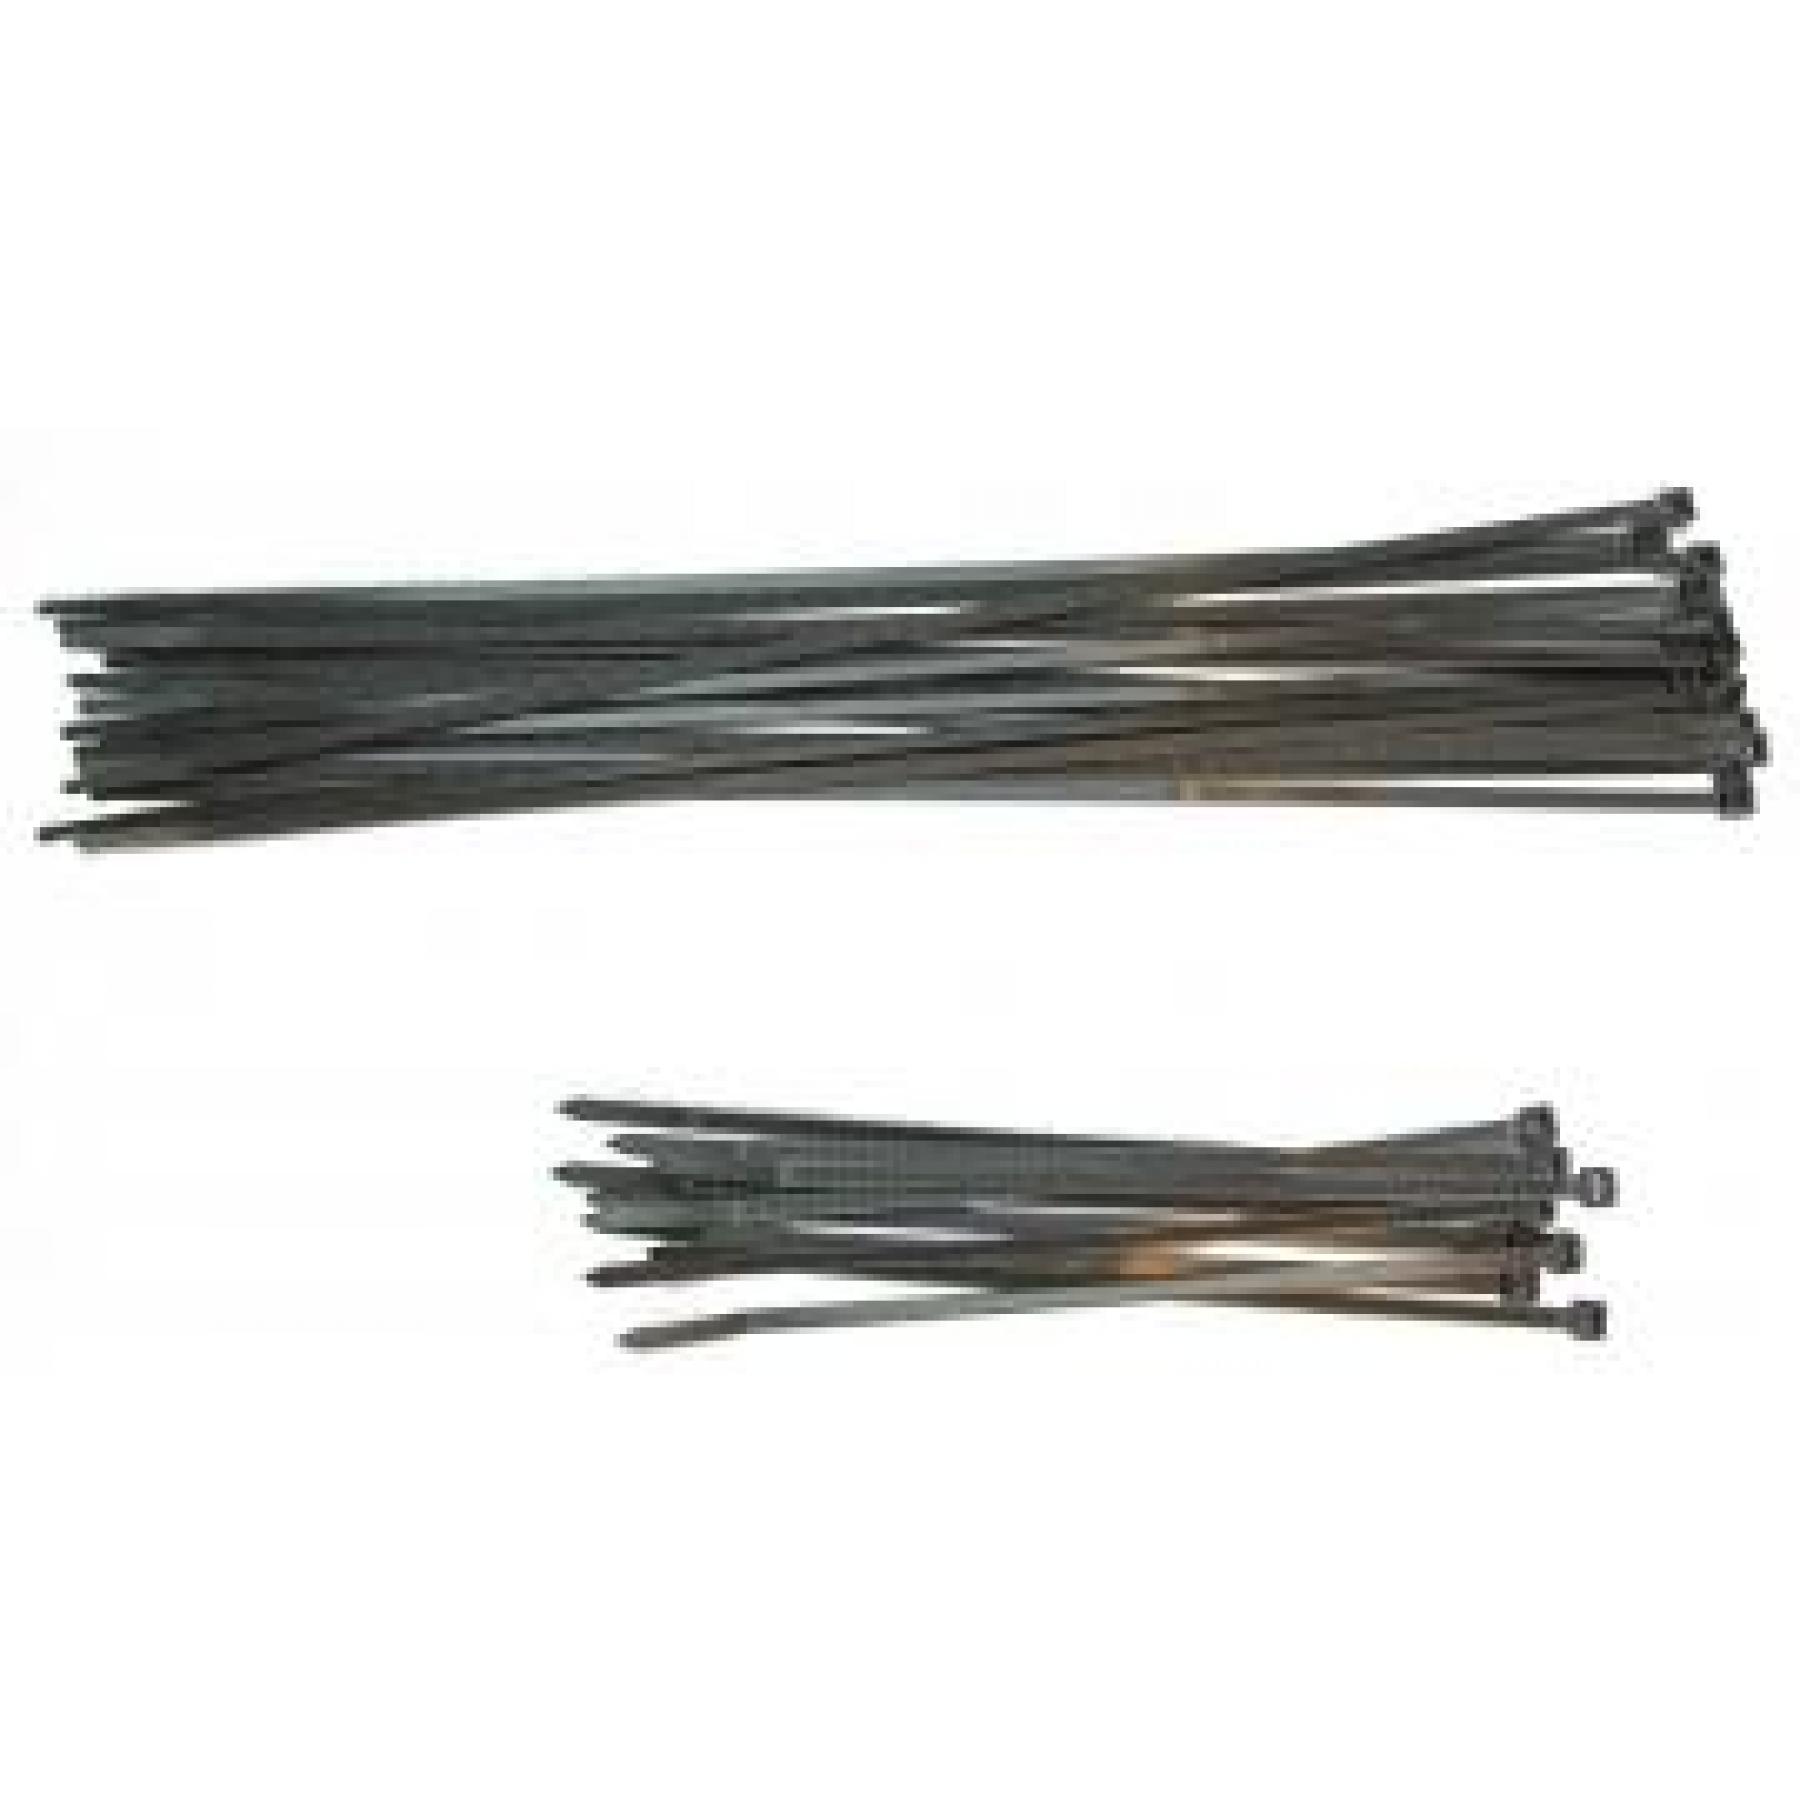 Kabelstrip 280x4,8 zwart 100st